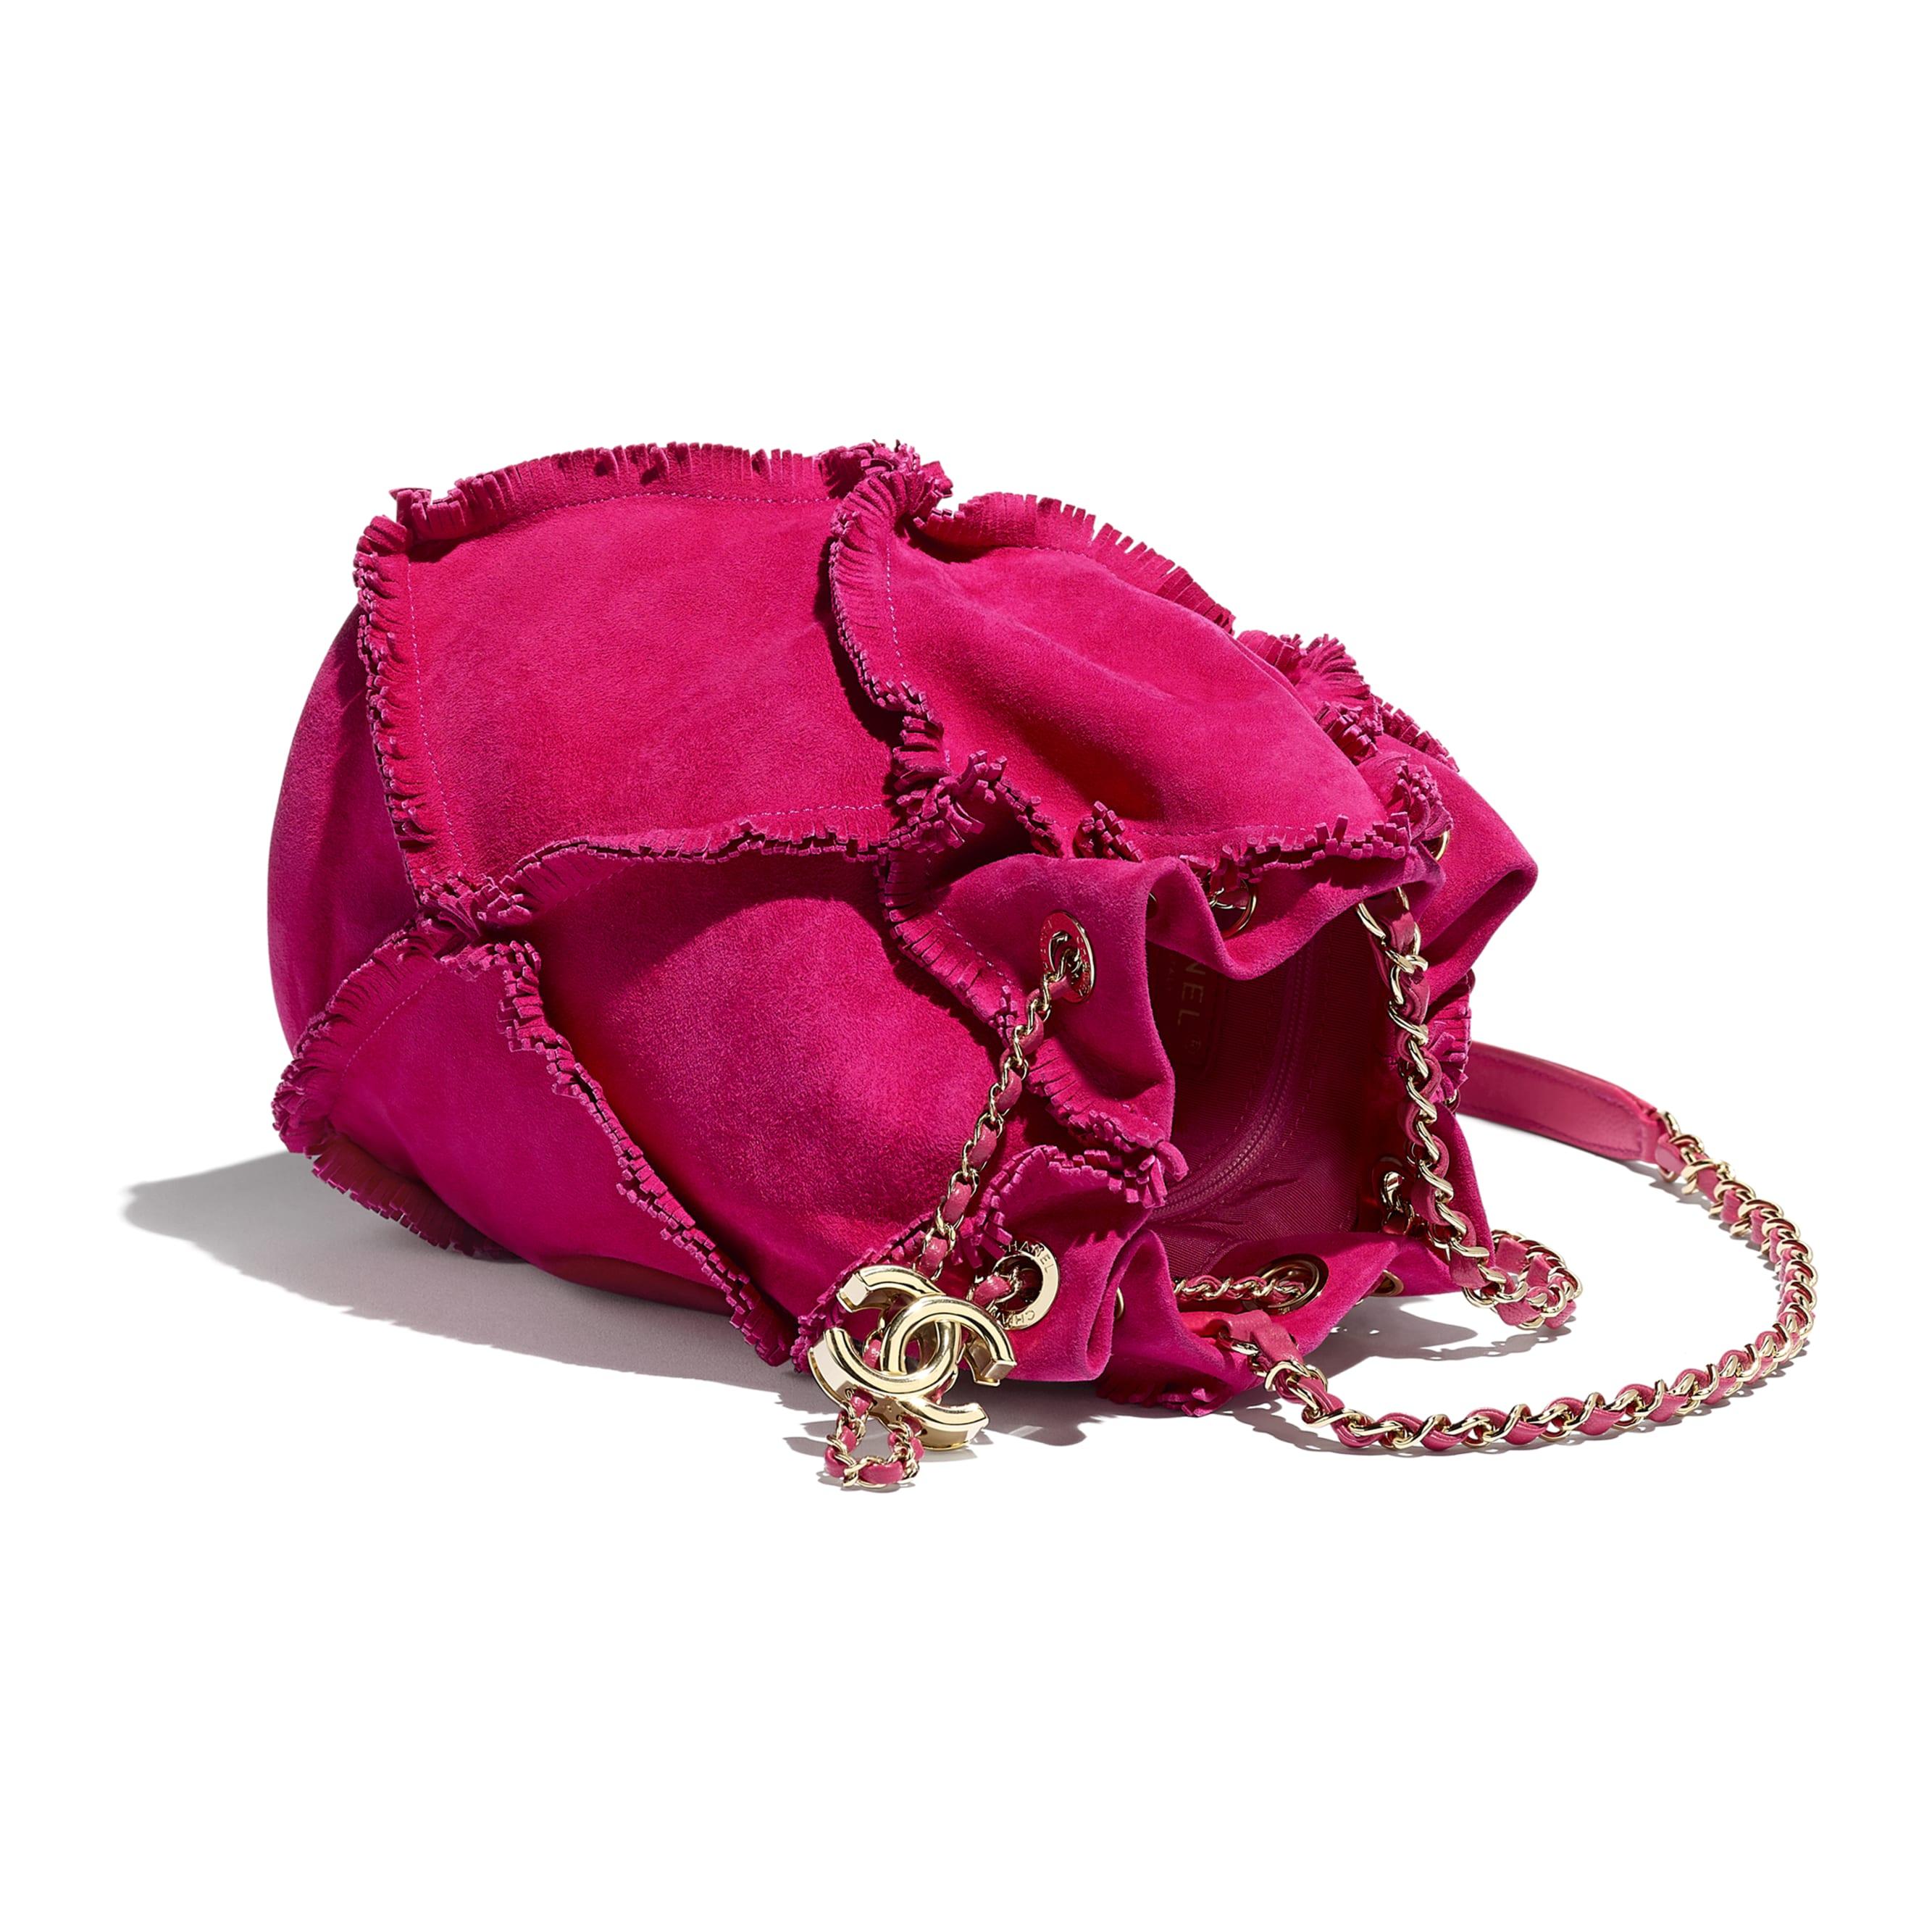 Mała torba ściągana paskiem - Kolor fuksji - Zamszowa skóra kozia i metal w tonacji złotej.  - CHANEL - Inny widok – zobacz w standardowym rozmiarze